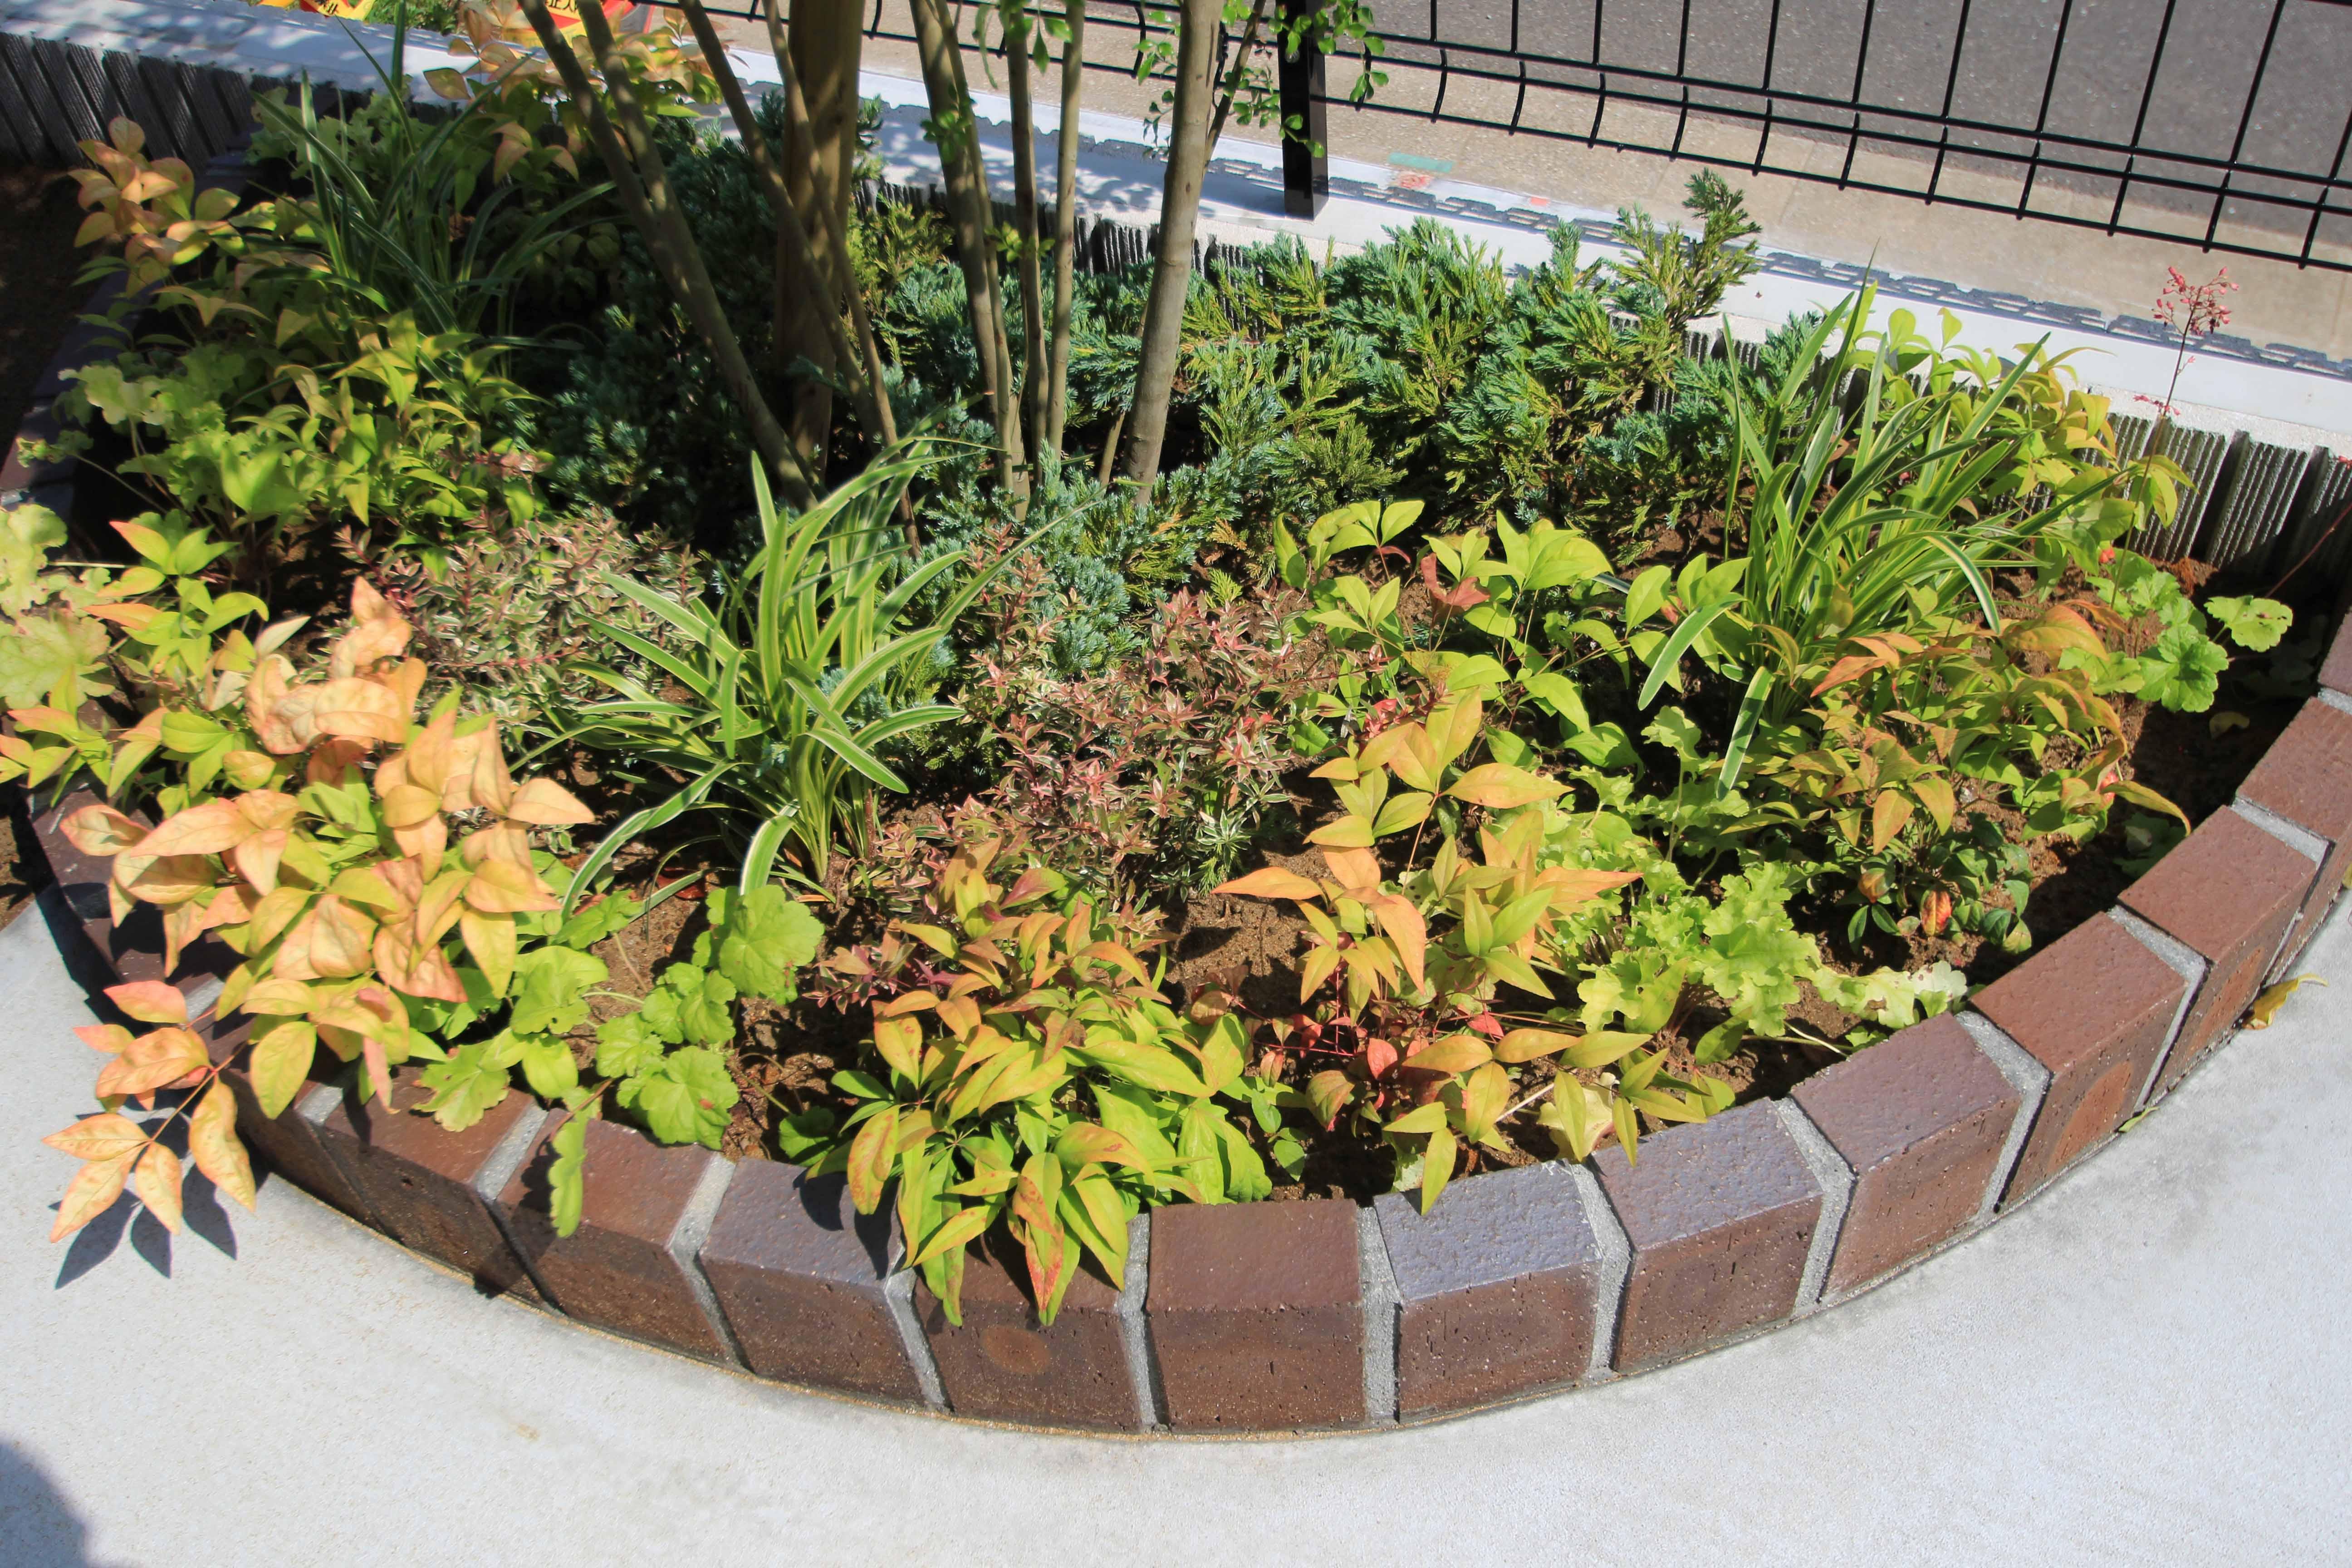 千葉市緑区。<br>アンティークテイストのアプローチ。13